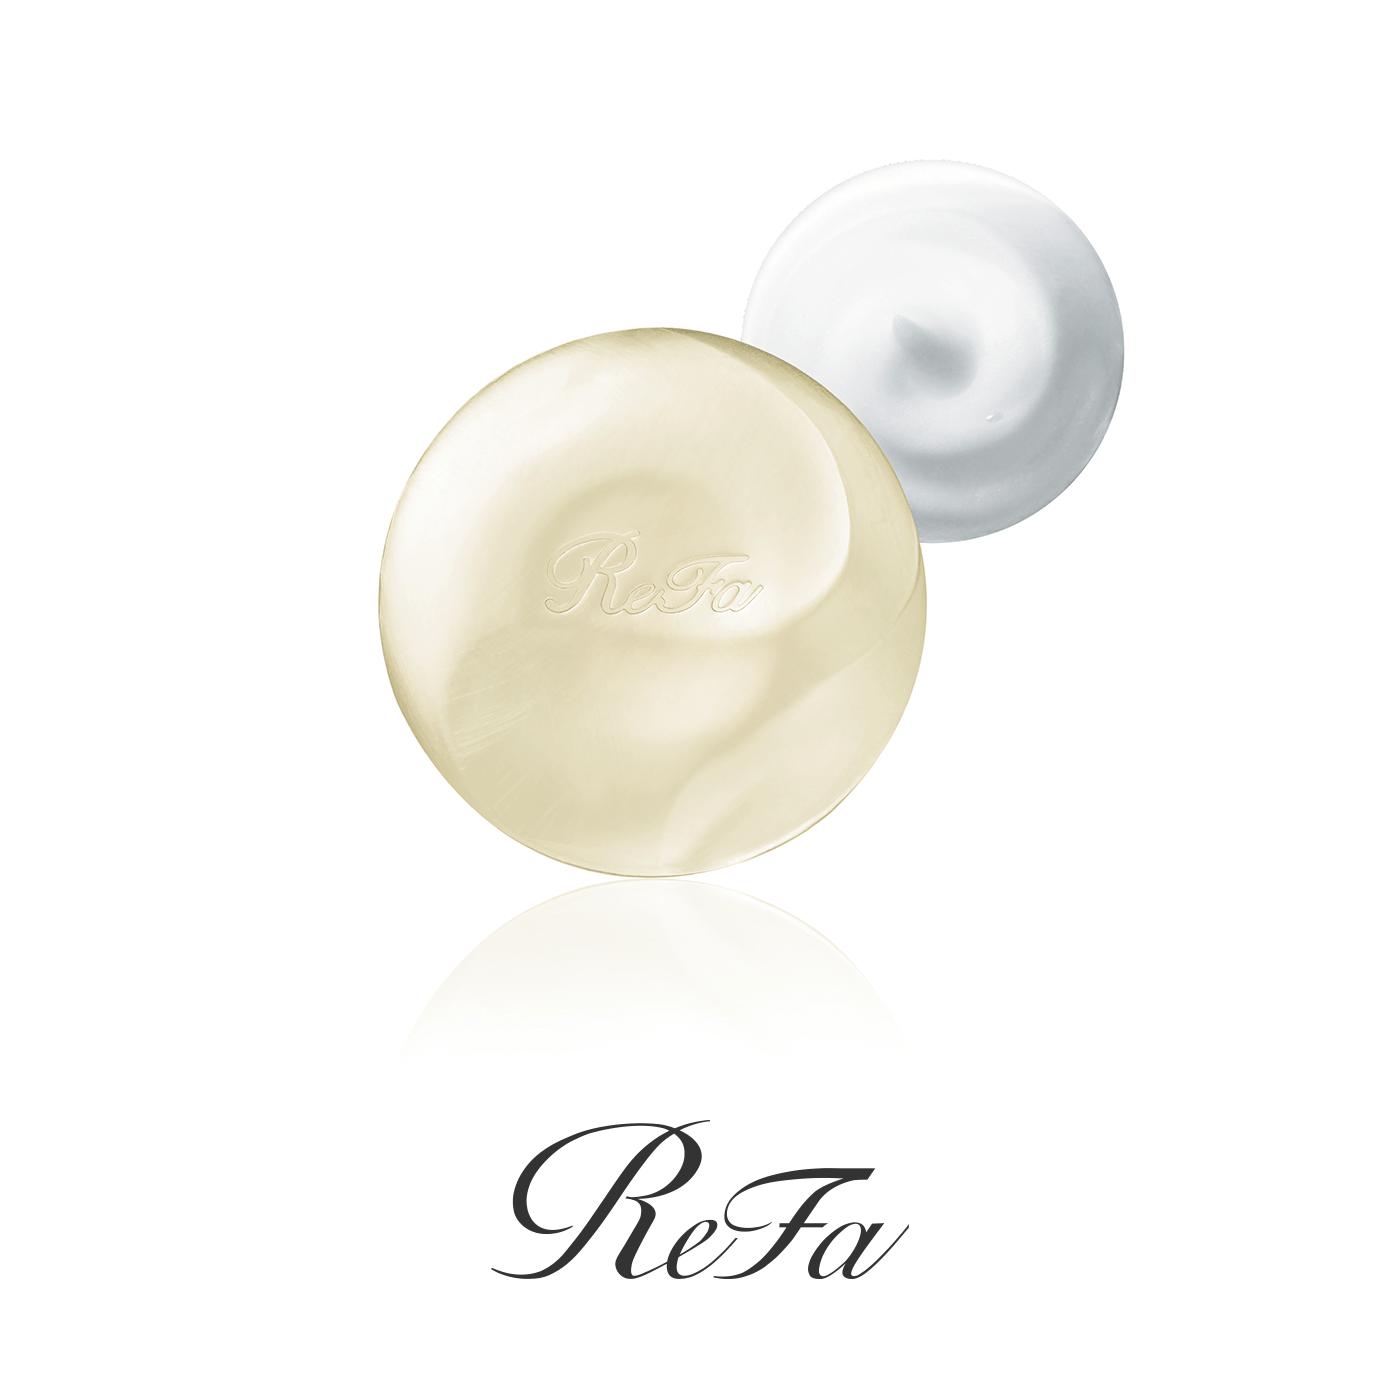 贅沢に包まれるひとときへ。洗うたび、肌がうるおう美容液洗顔 ReFa EXPRESSION ENRICH SOAPが誕生。